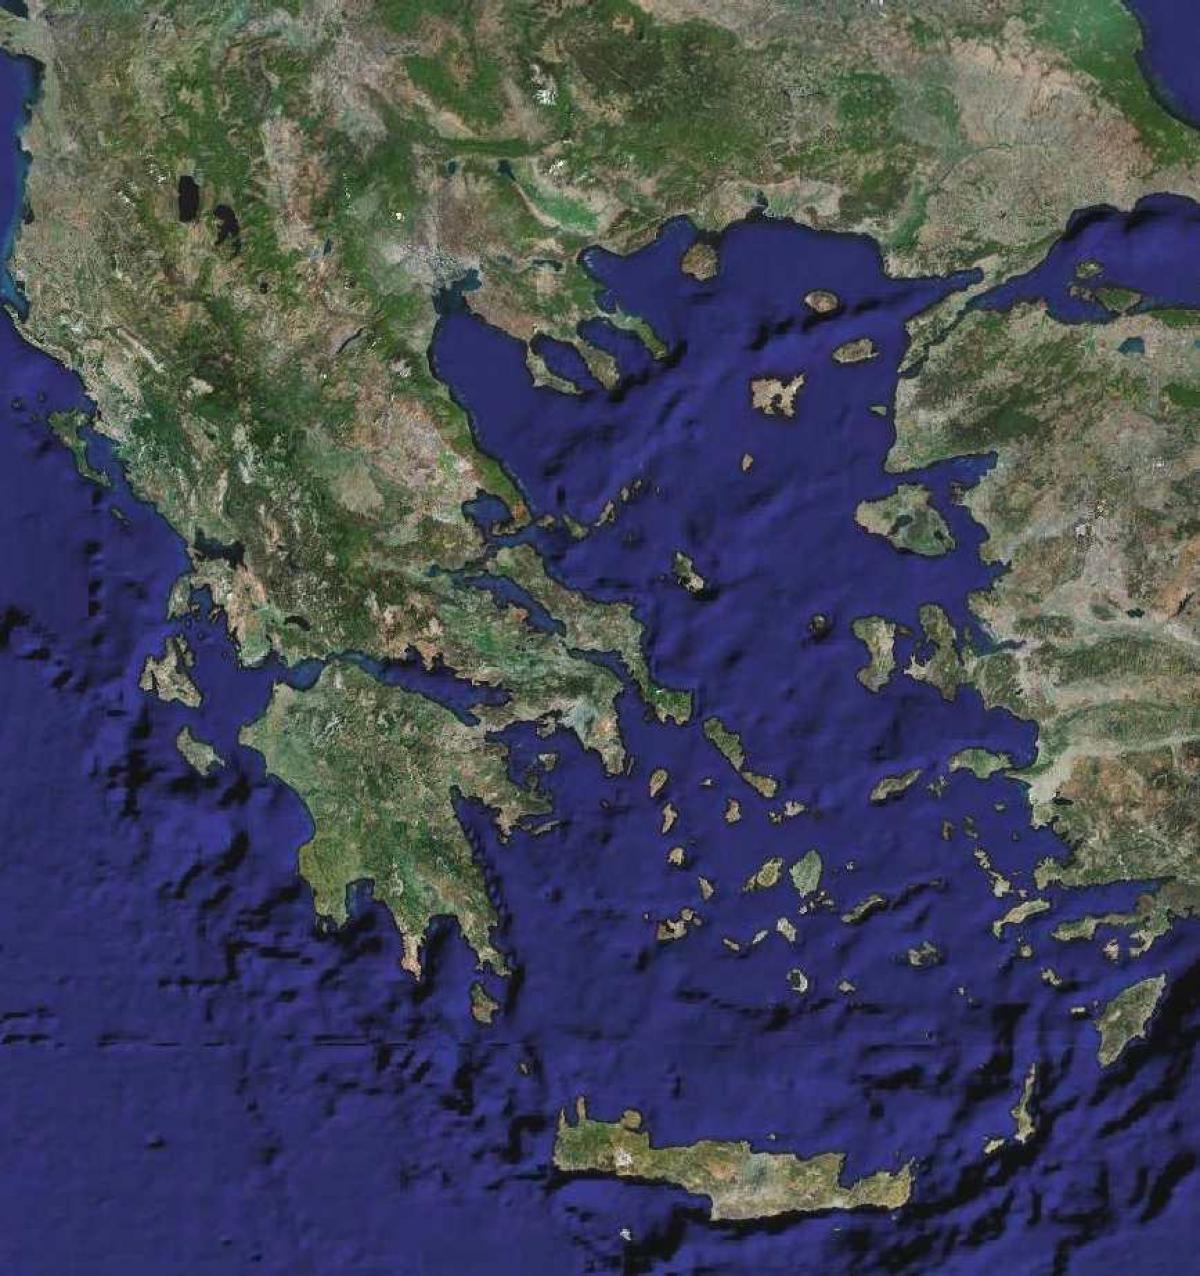 Grecja Mapy Satelitarne Mapy Satelitarne W Grecji Europa